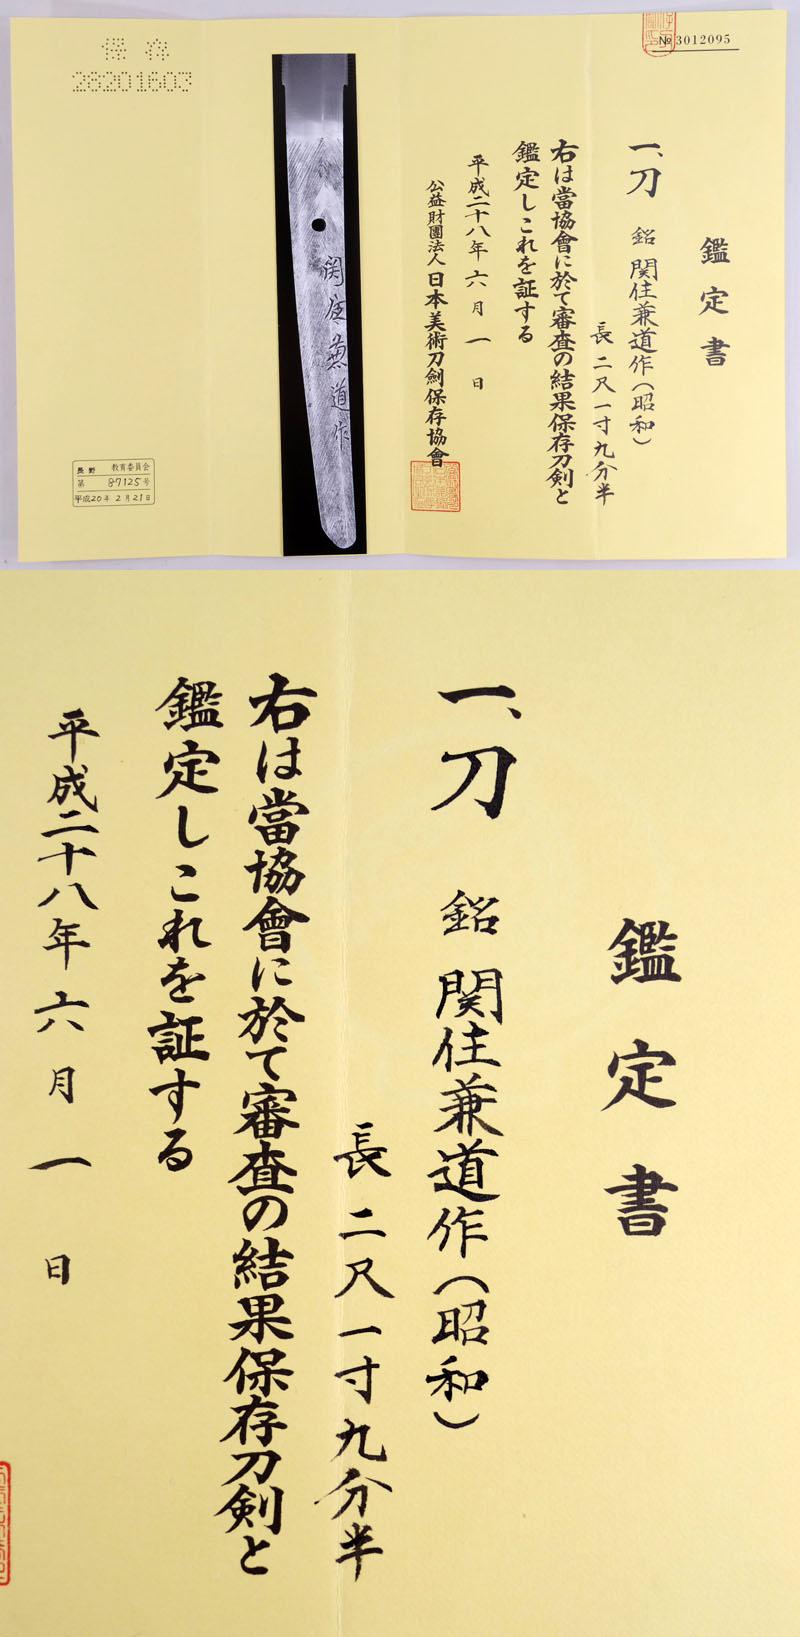 関住兼道作(小島時次郎) Picture of Certificate